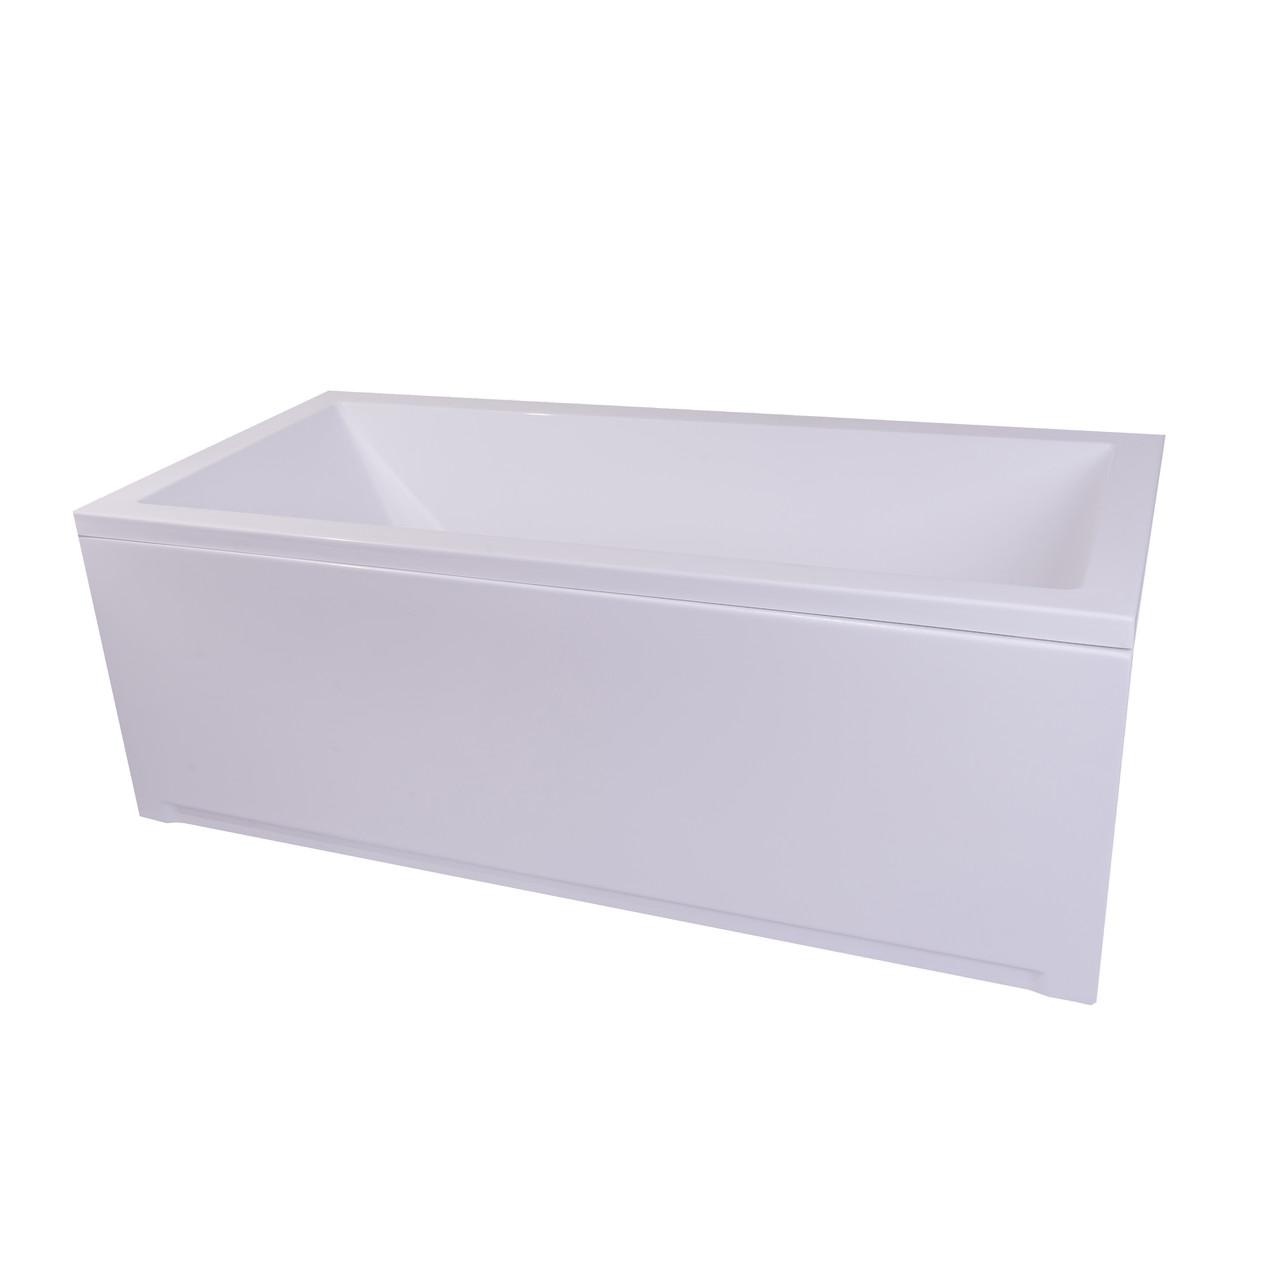 Акриловая ванна Nika 170*75 см